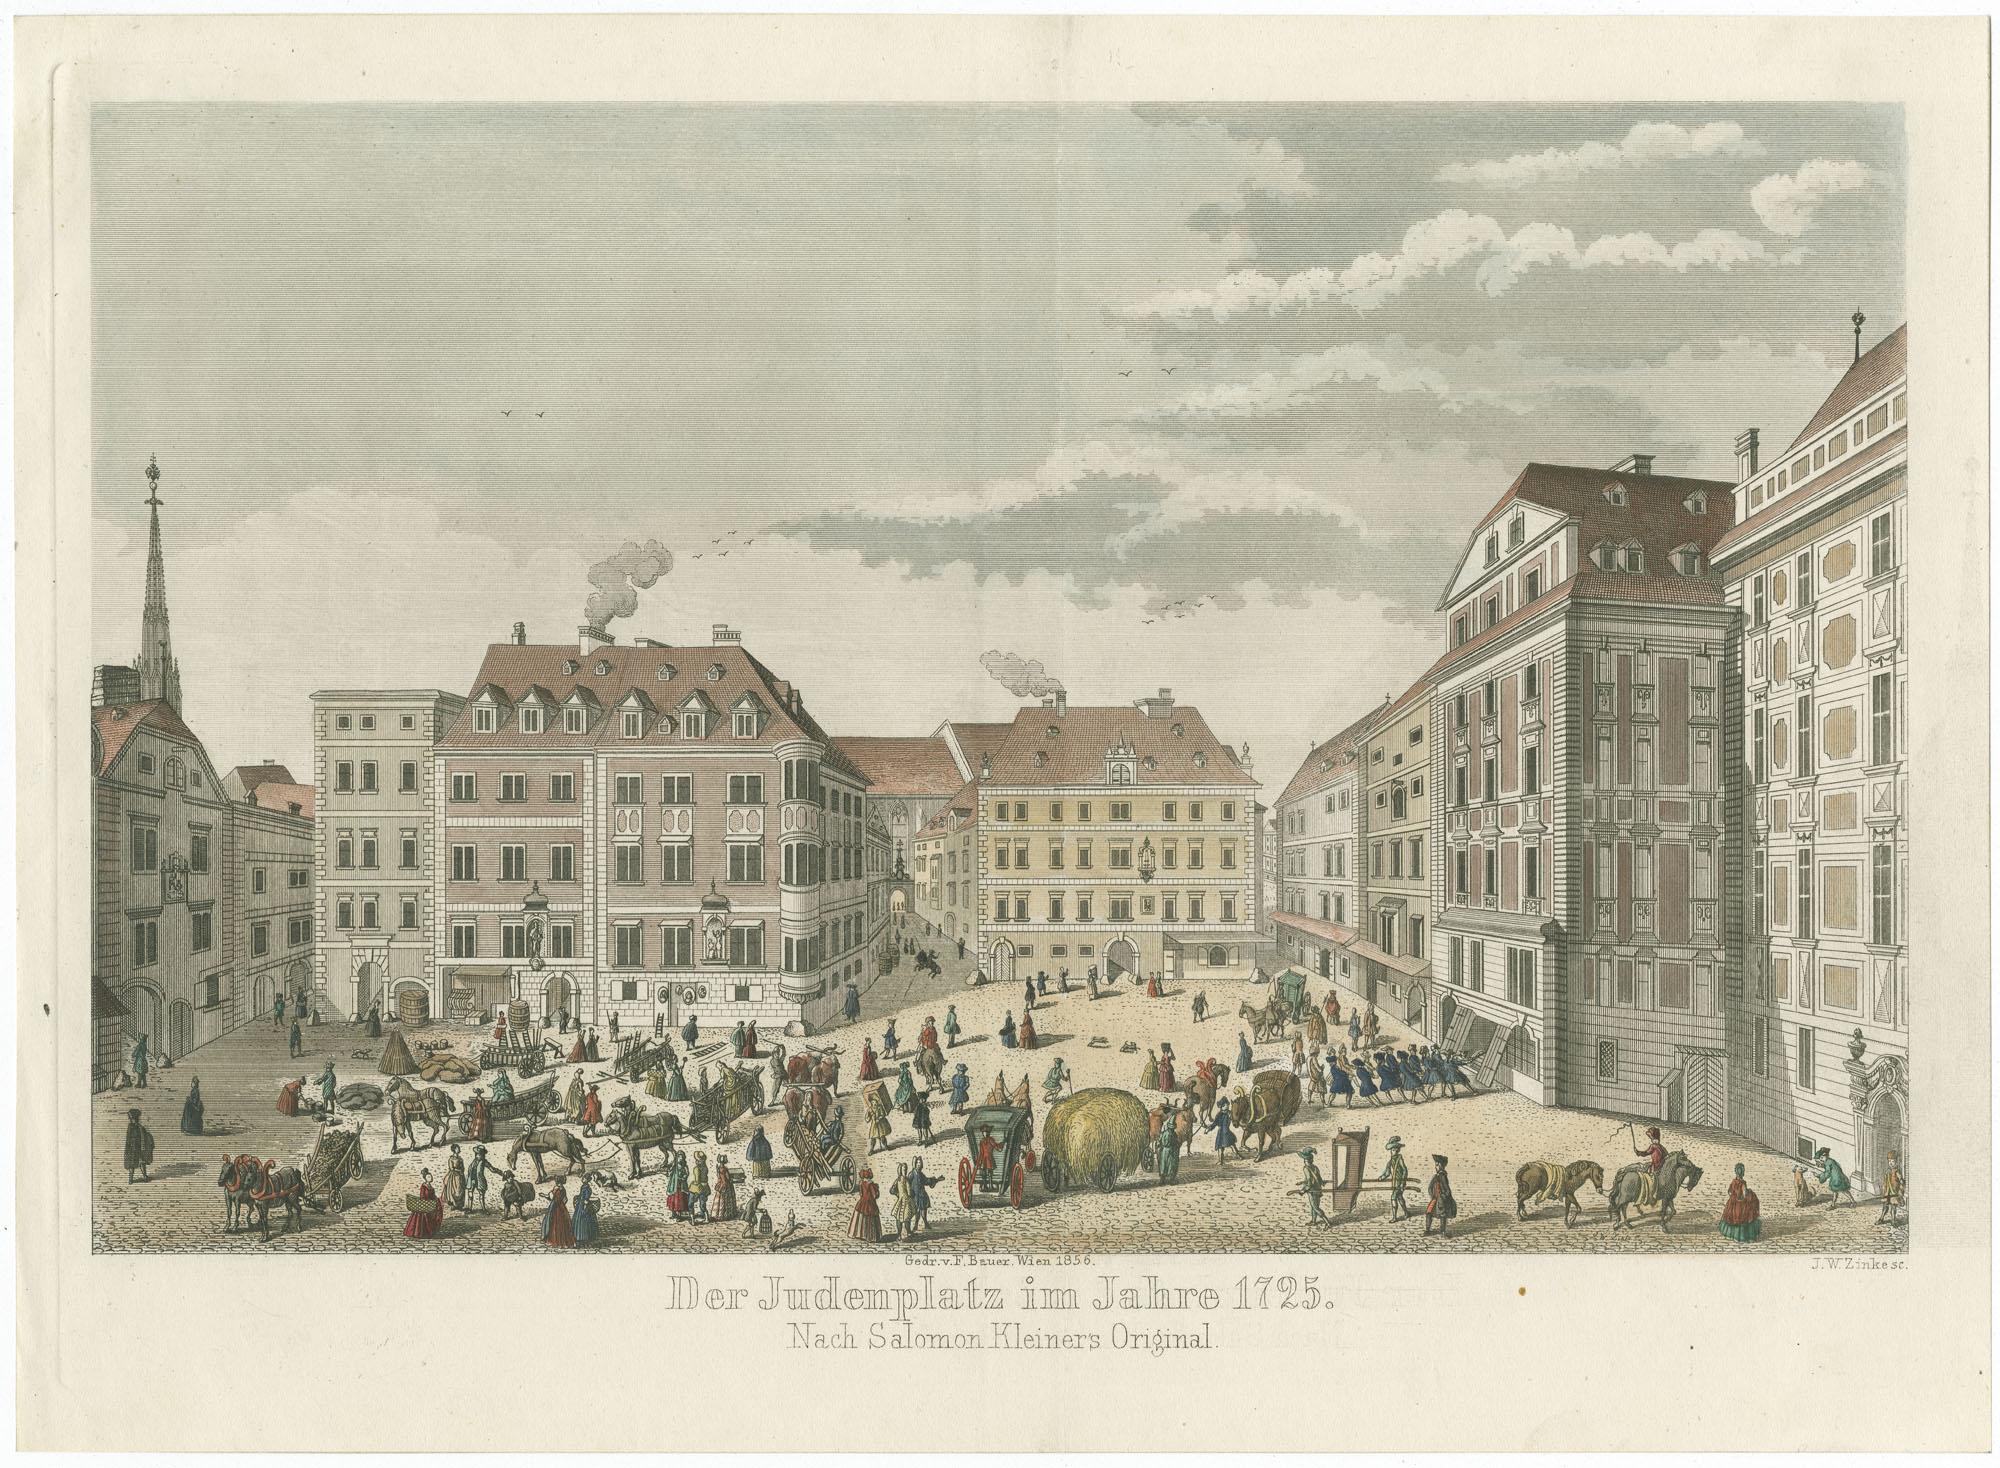 Der Judenplatz im Jahre 1725